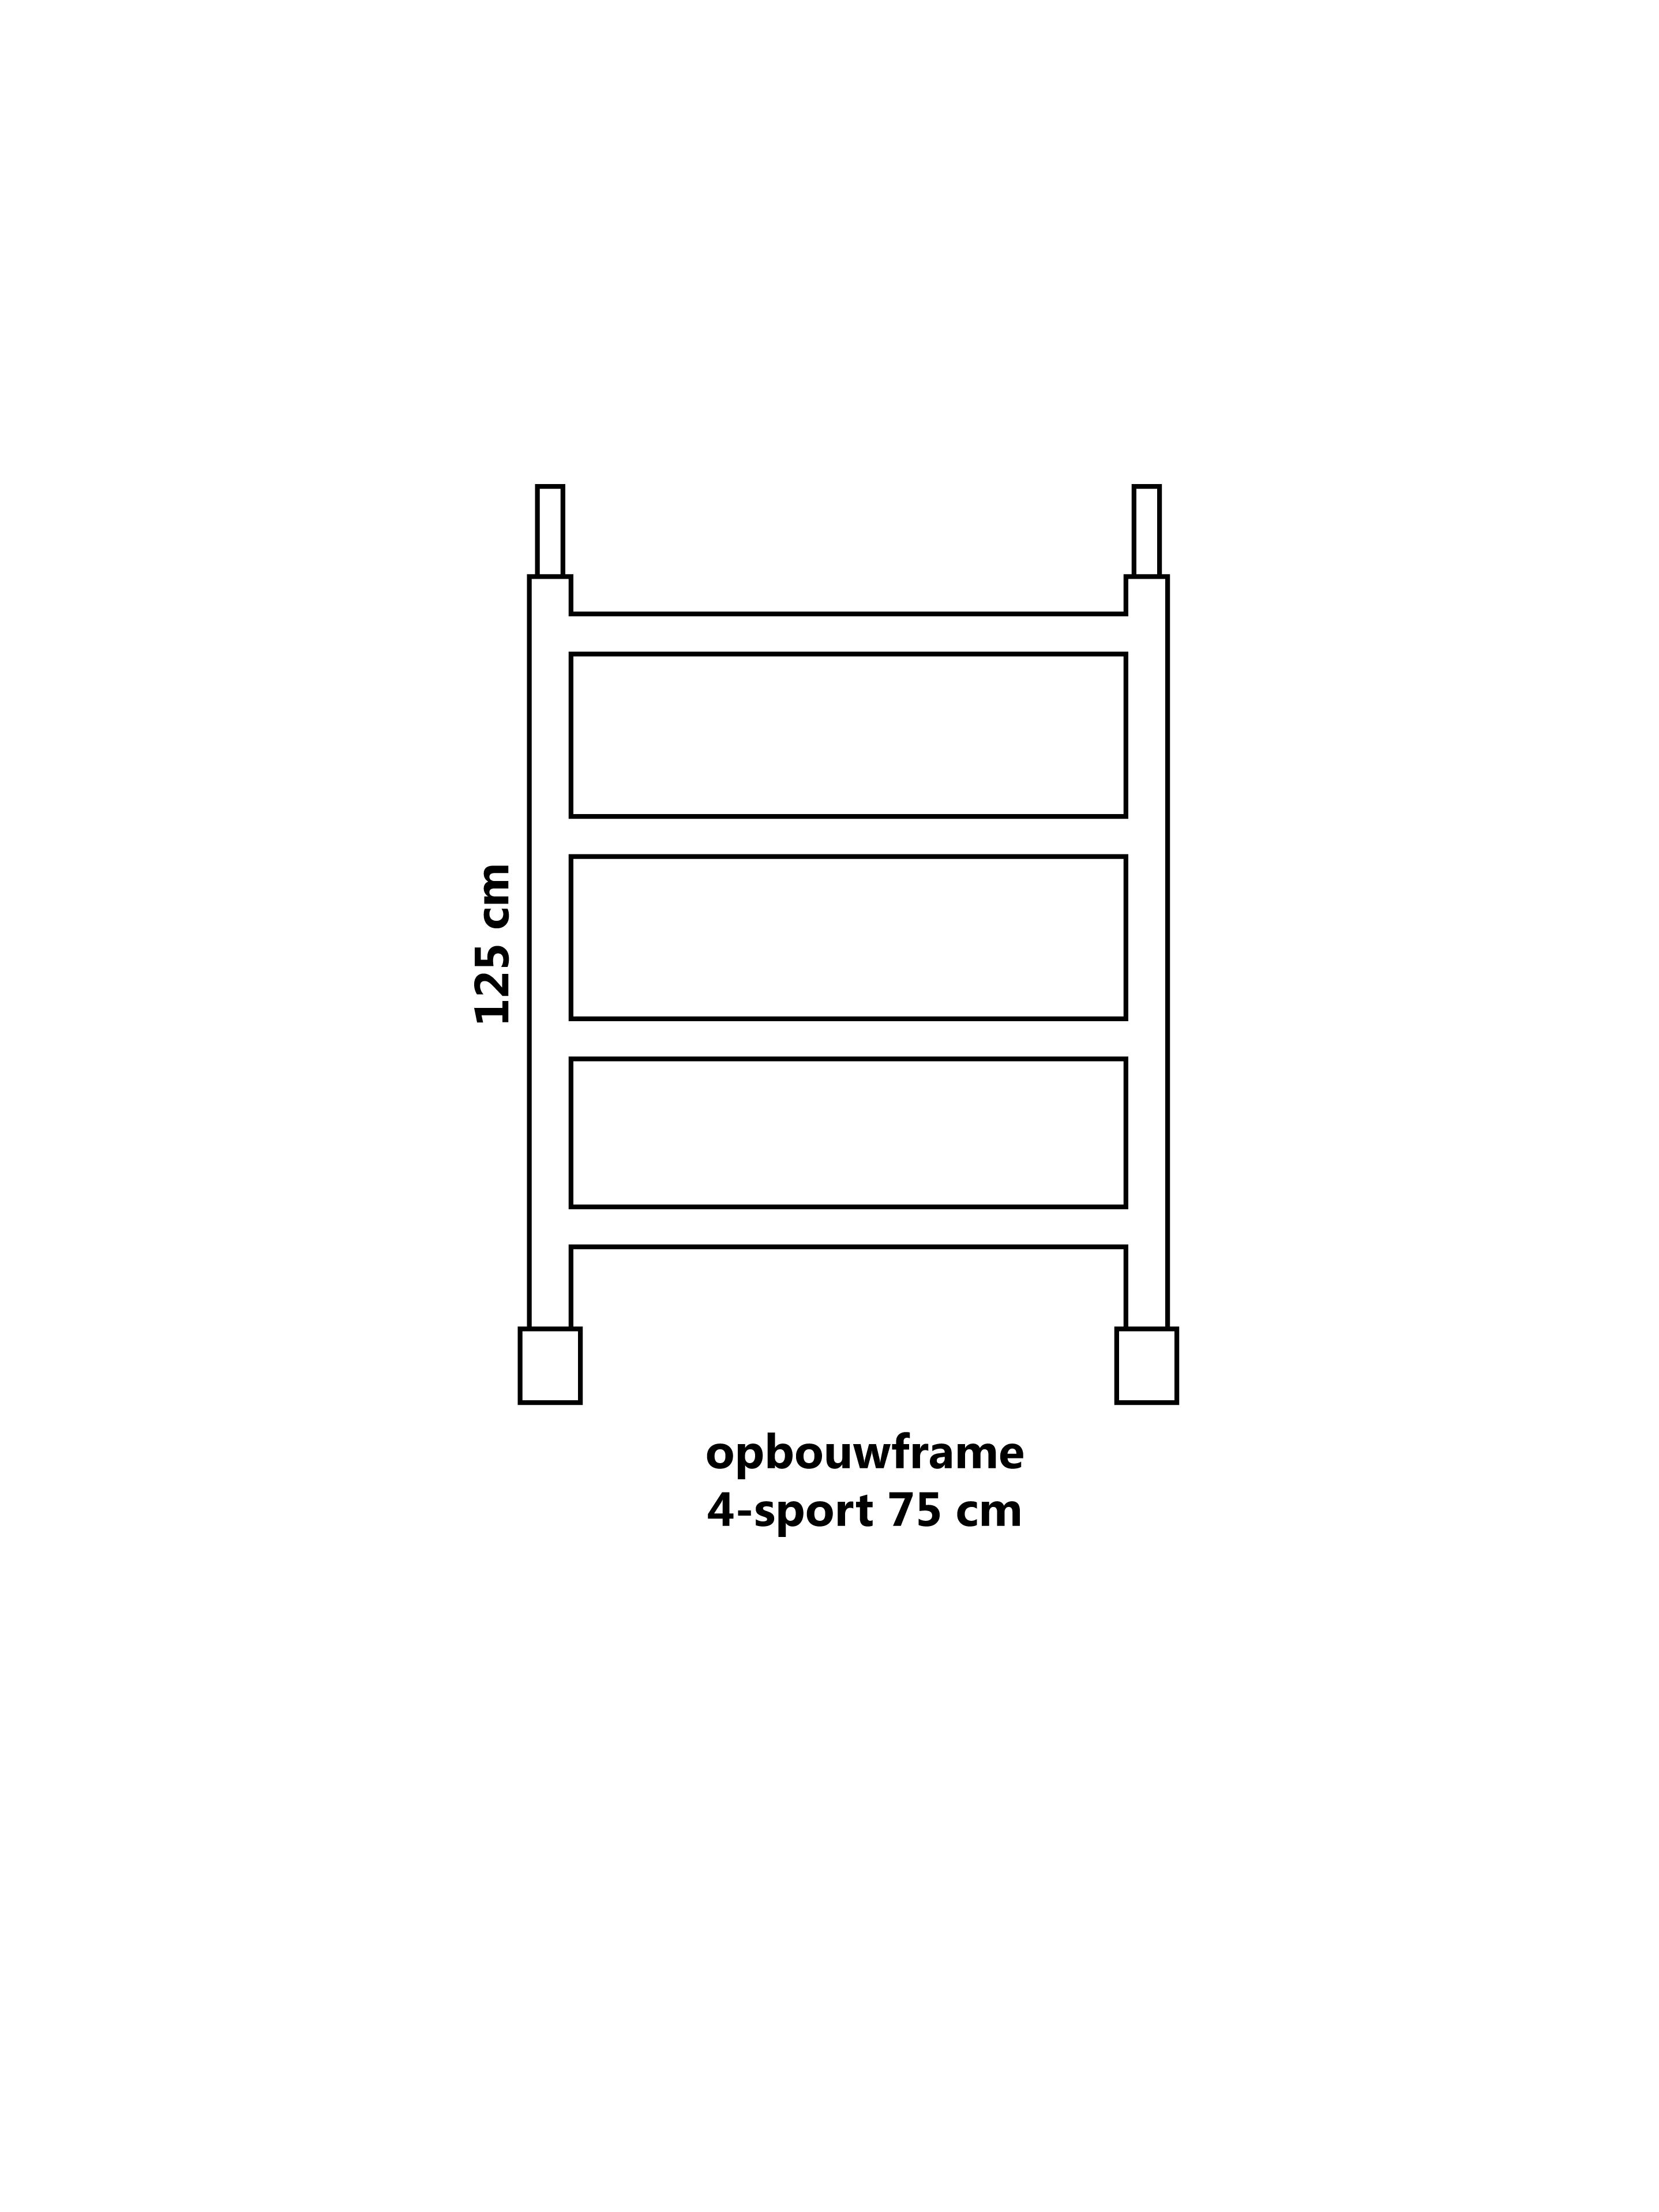 Steiger opbouwframe 4-sport 75 cm